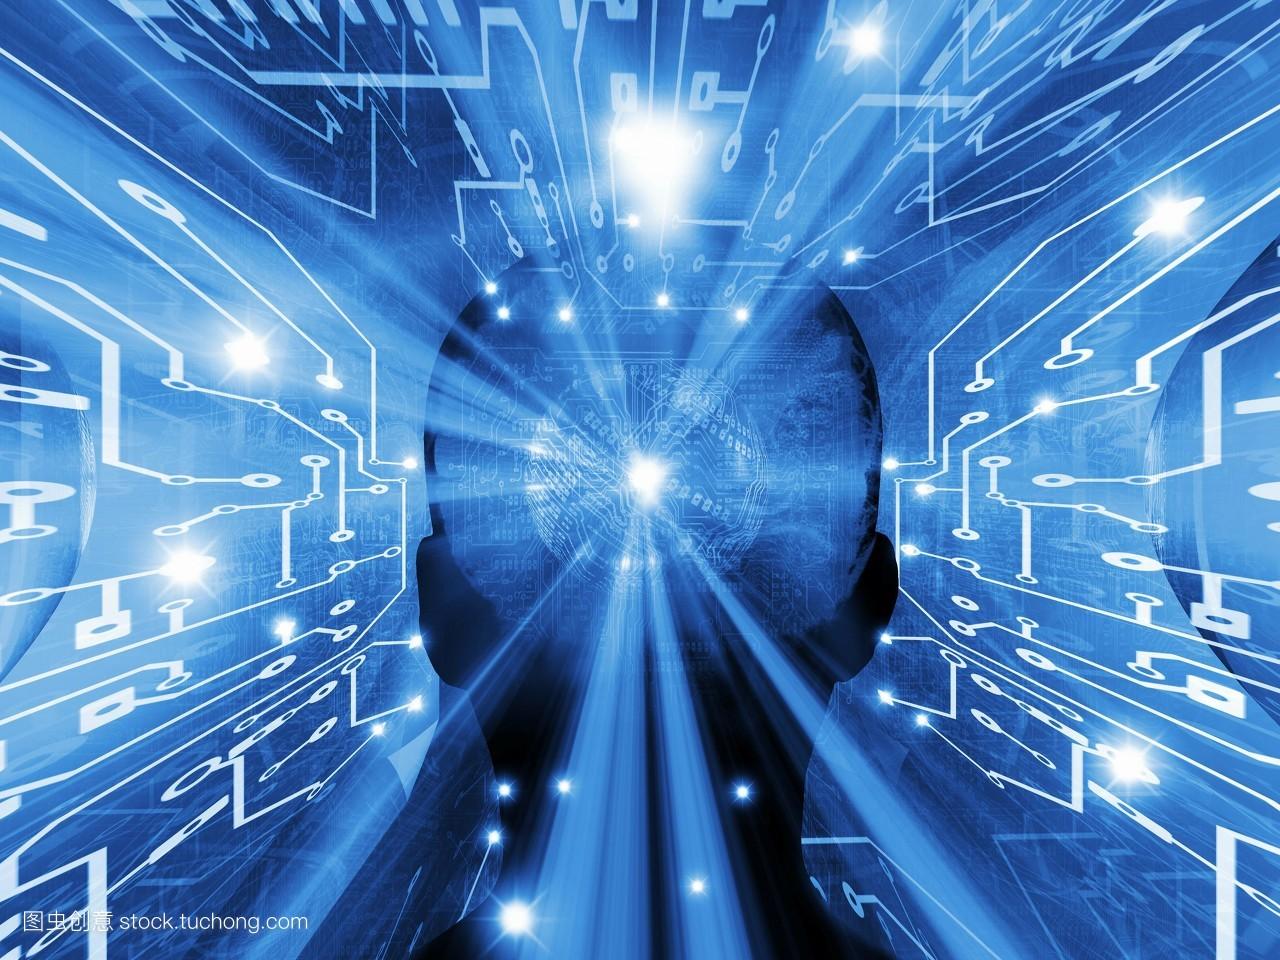 人工智能基本技术(人工智能技术未来前景)